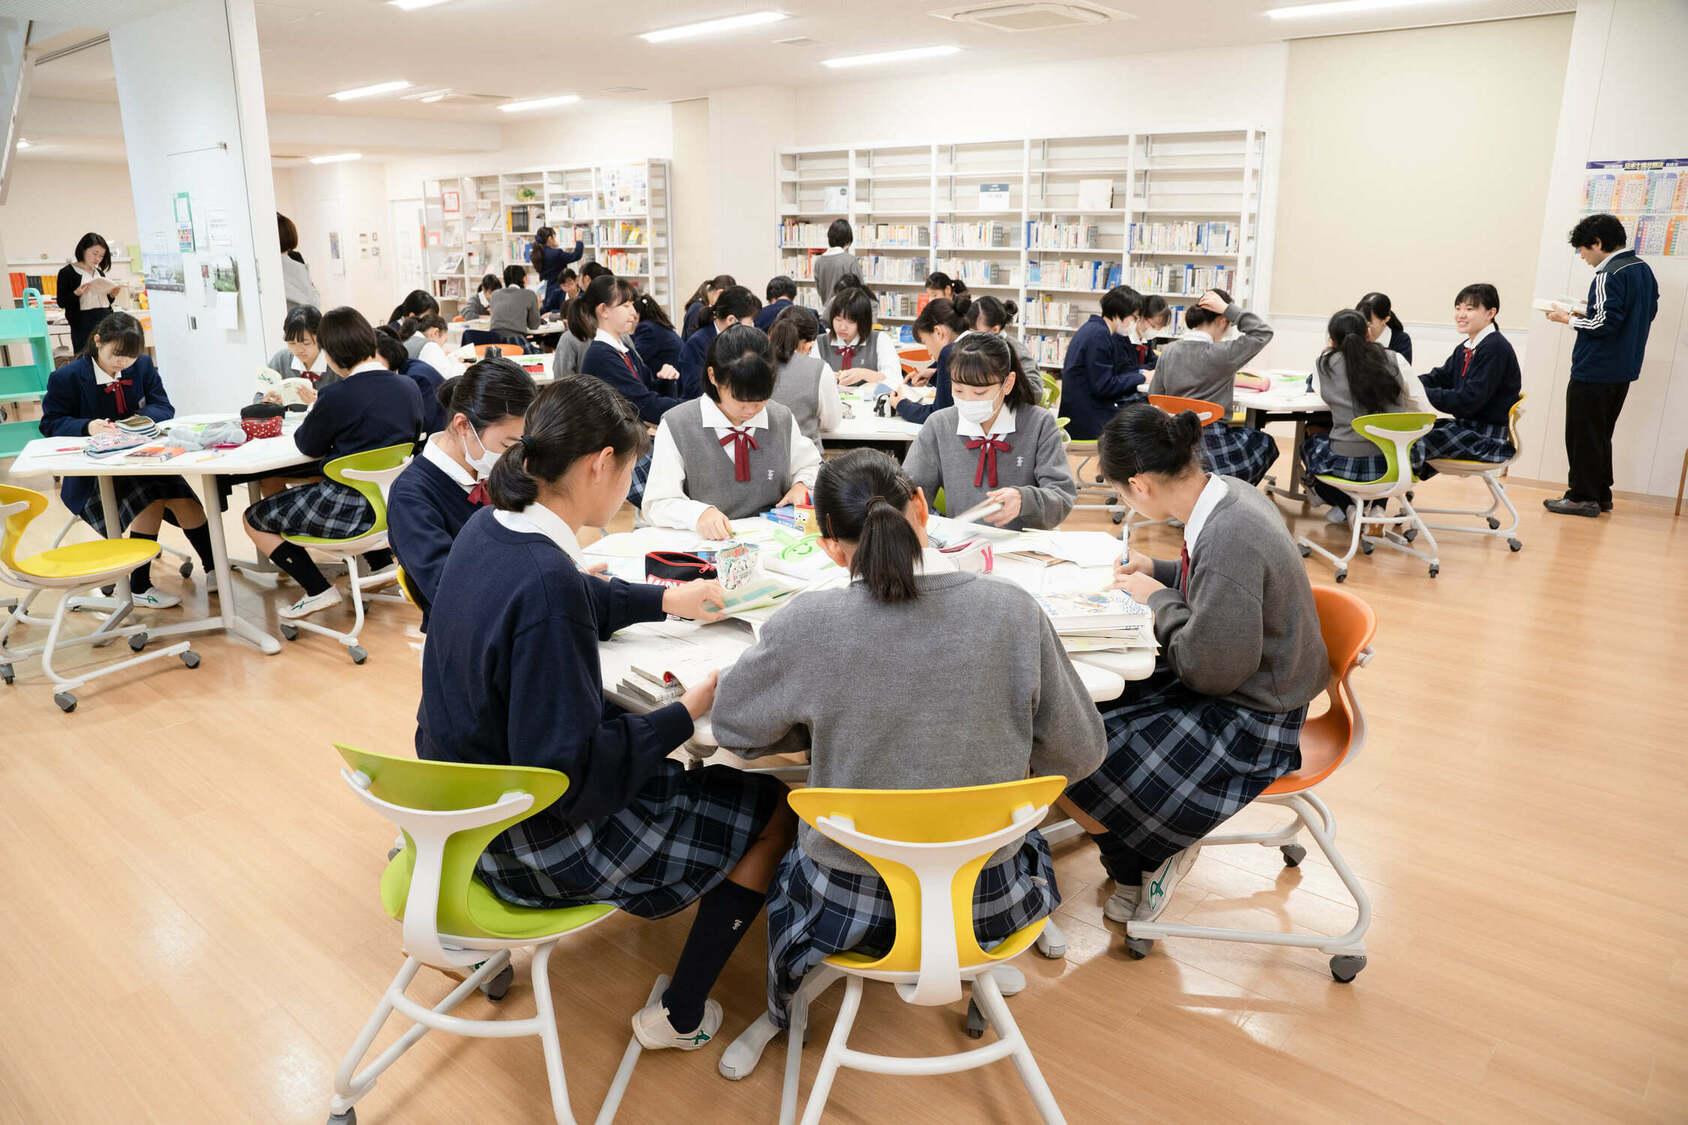 山崎学園 富士見中学高等学校 探求学習作業風景